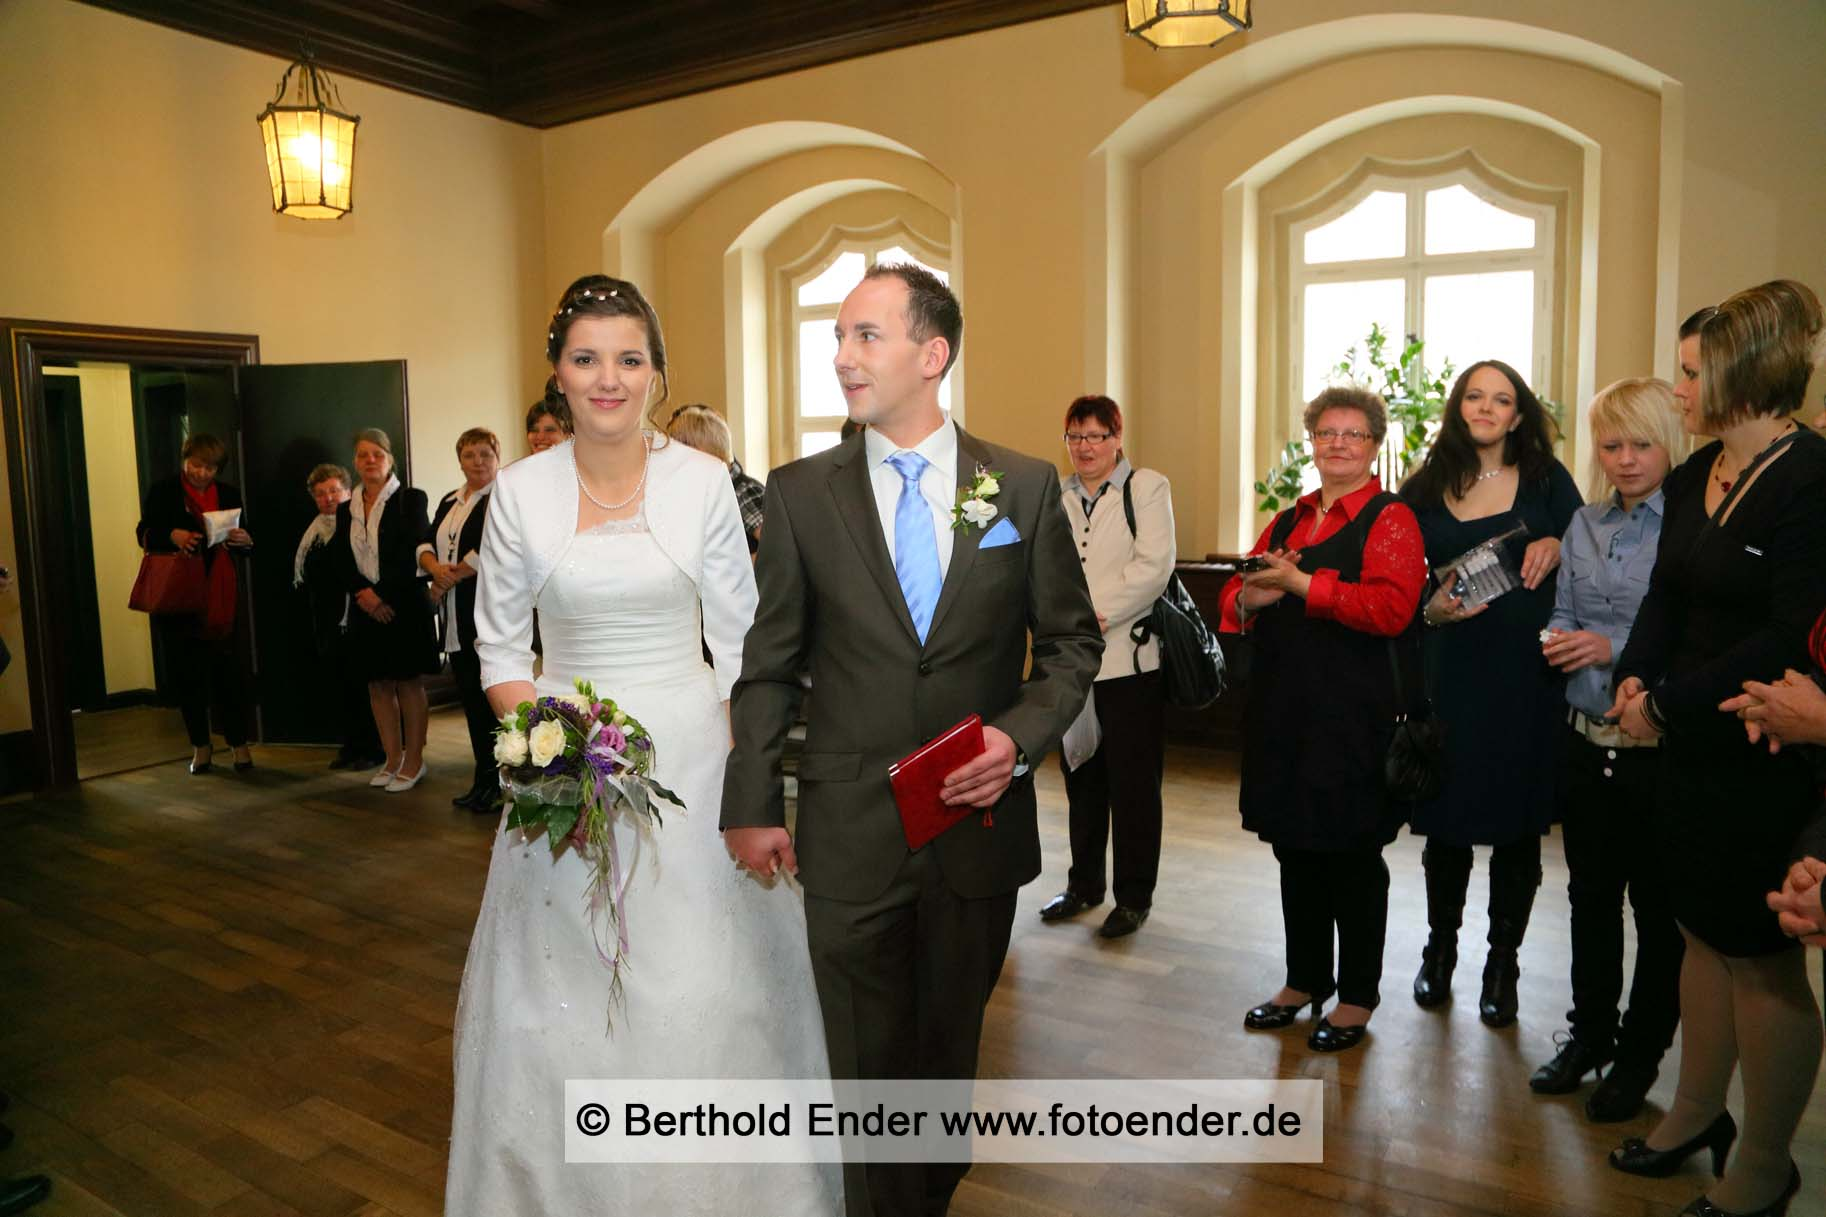 Hochzeitsfotos in der Altstadt von Lutherstadt Wittenberg: Fotostudio Ender